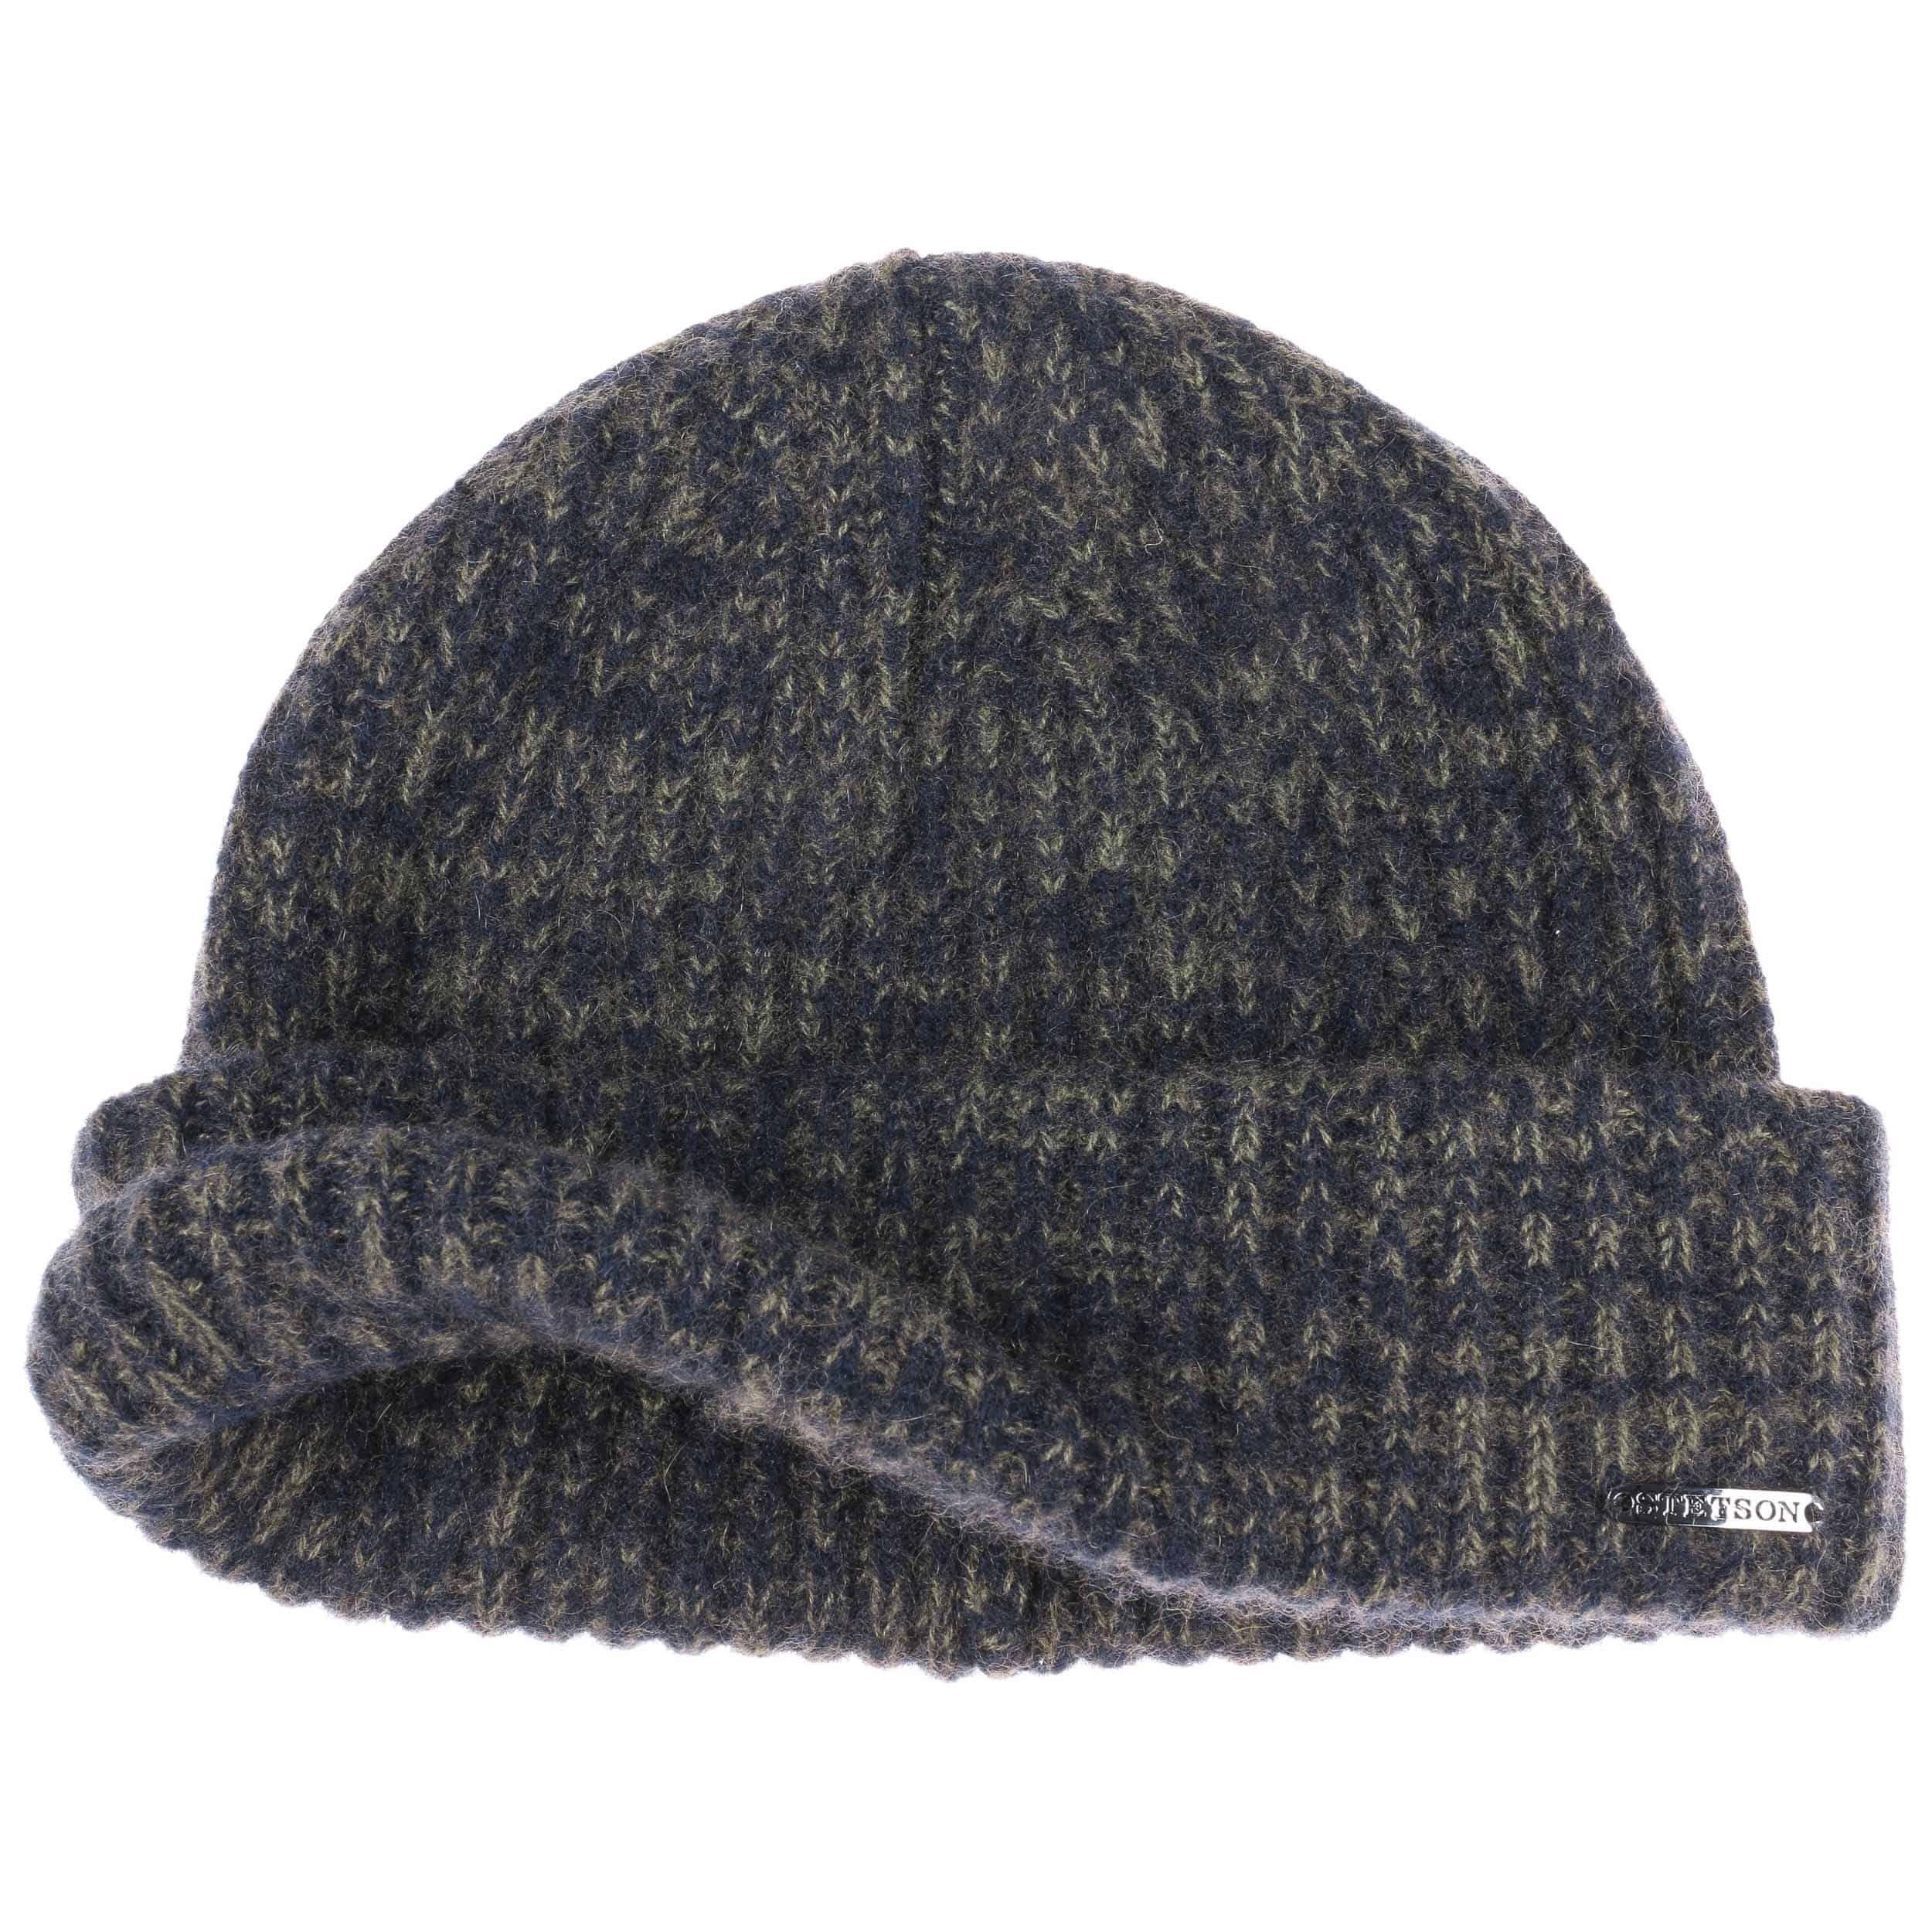 Surth Mélange Cashmere Pull on Hat blue-olive